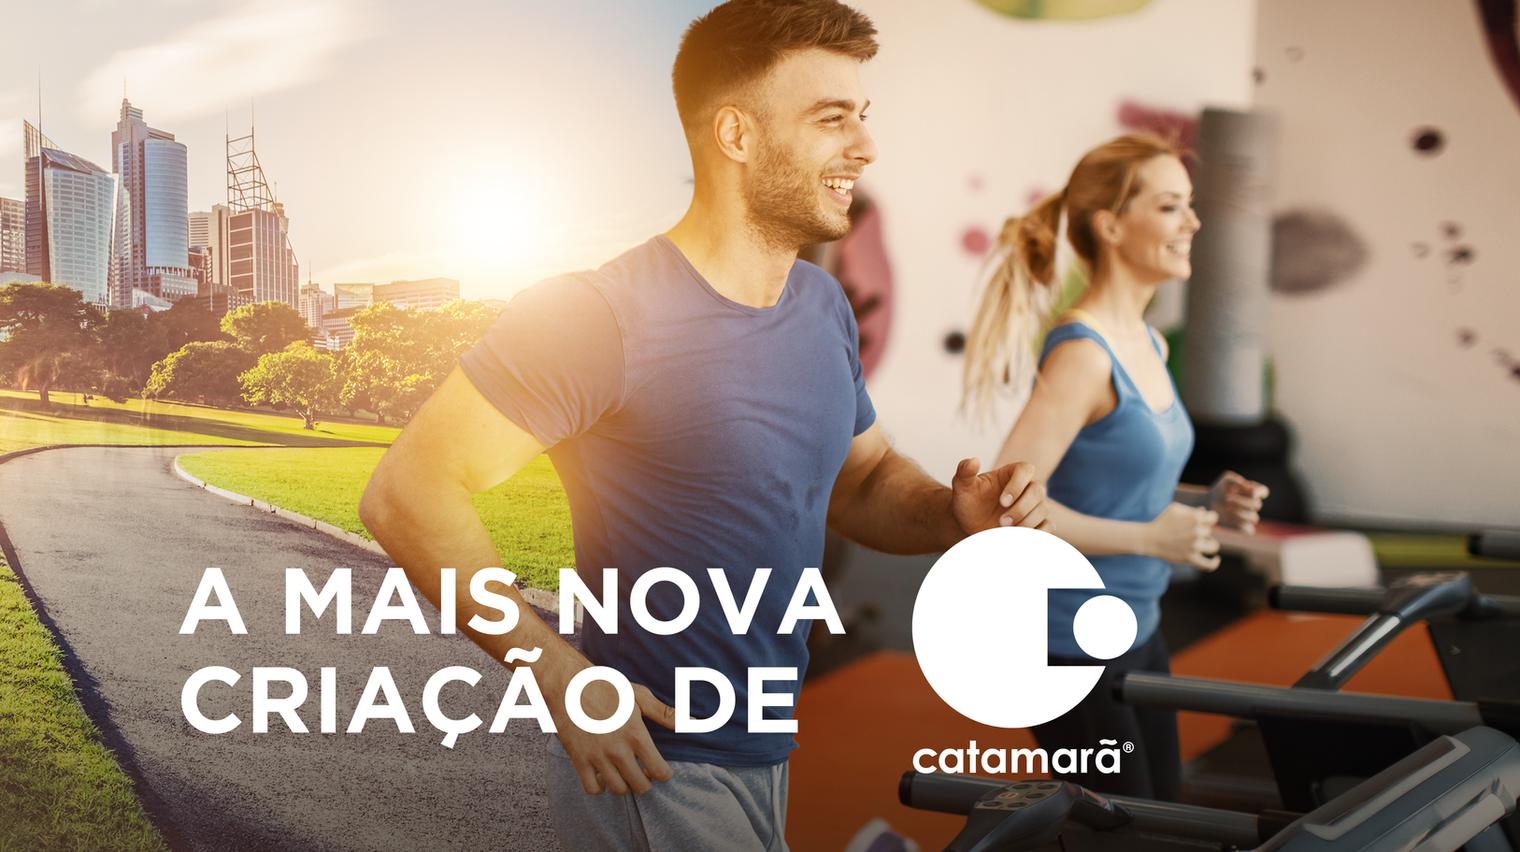 A MAIS NOVA CRIAÇÃO DE CATAMARÃ